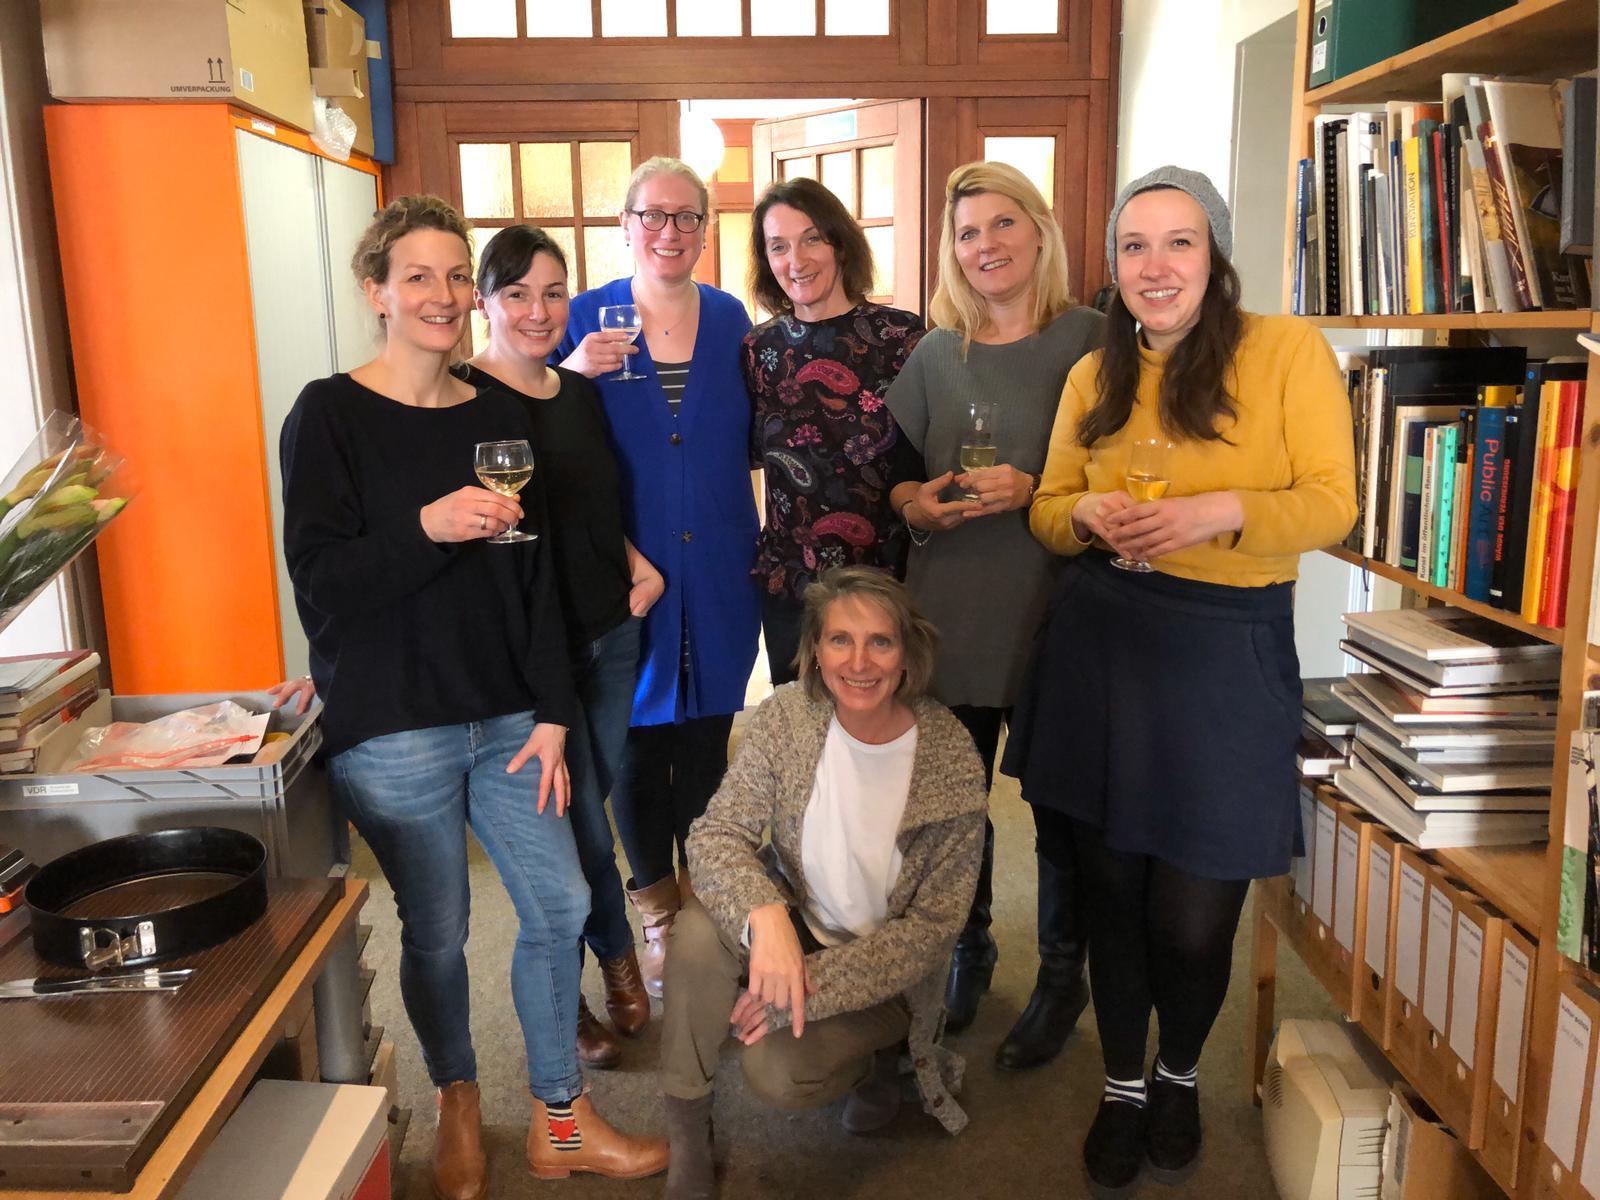 Gruppenfoto 2019 in der VDR-Geschäftsstelle mit Simone Heuken (links)